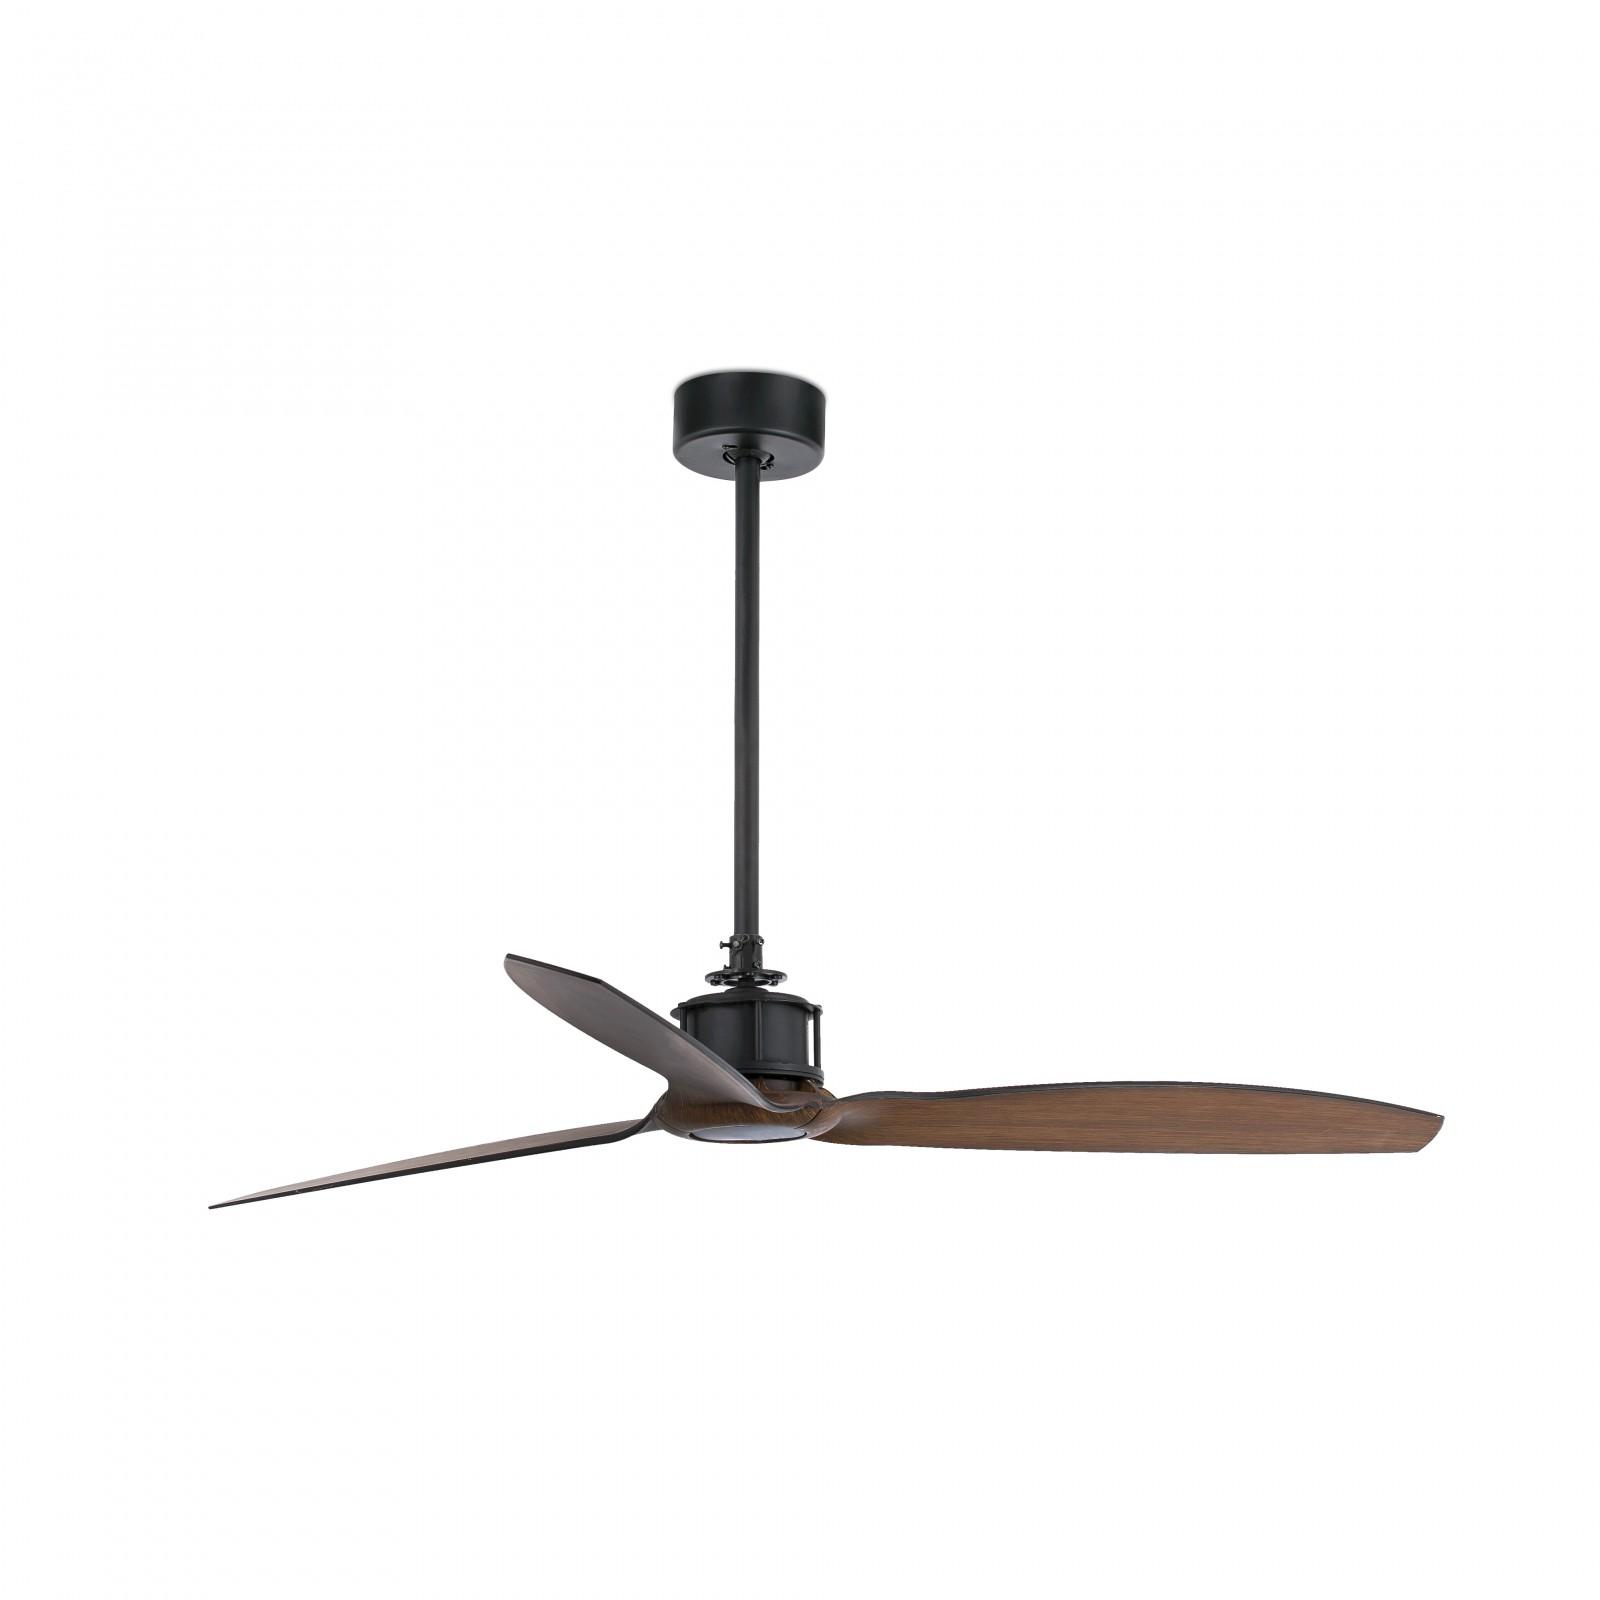 faro ventilateur de plafond basse consommation just fan noir 128 cm avec t l commande. Black Bedroom Furniture Sets. Home Design Ideas